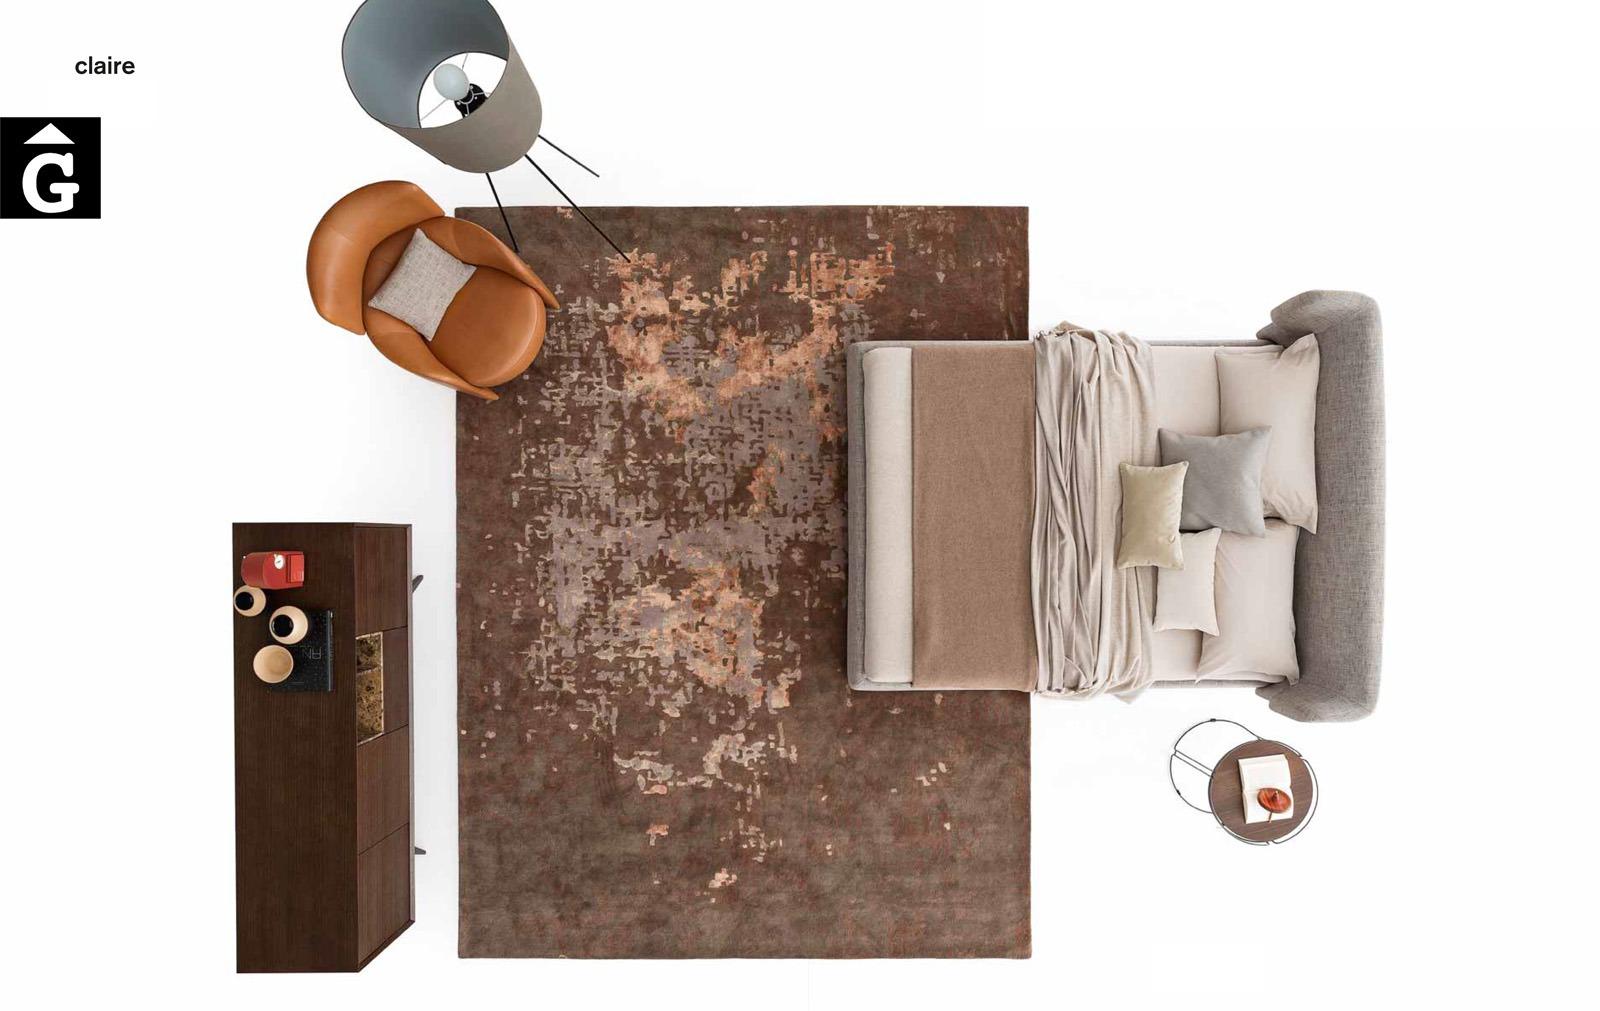 Claire llit entapissat planta - Ditre Italia llits entapissats disseny i qualitat alta by mobles Gifreu